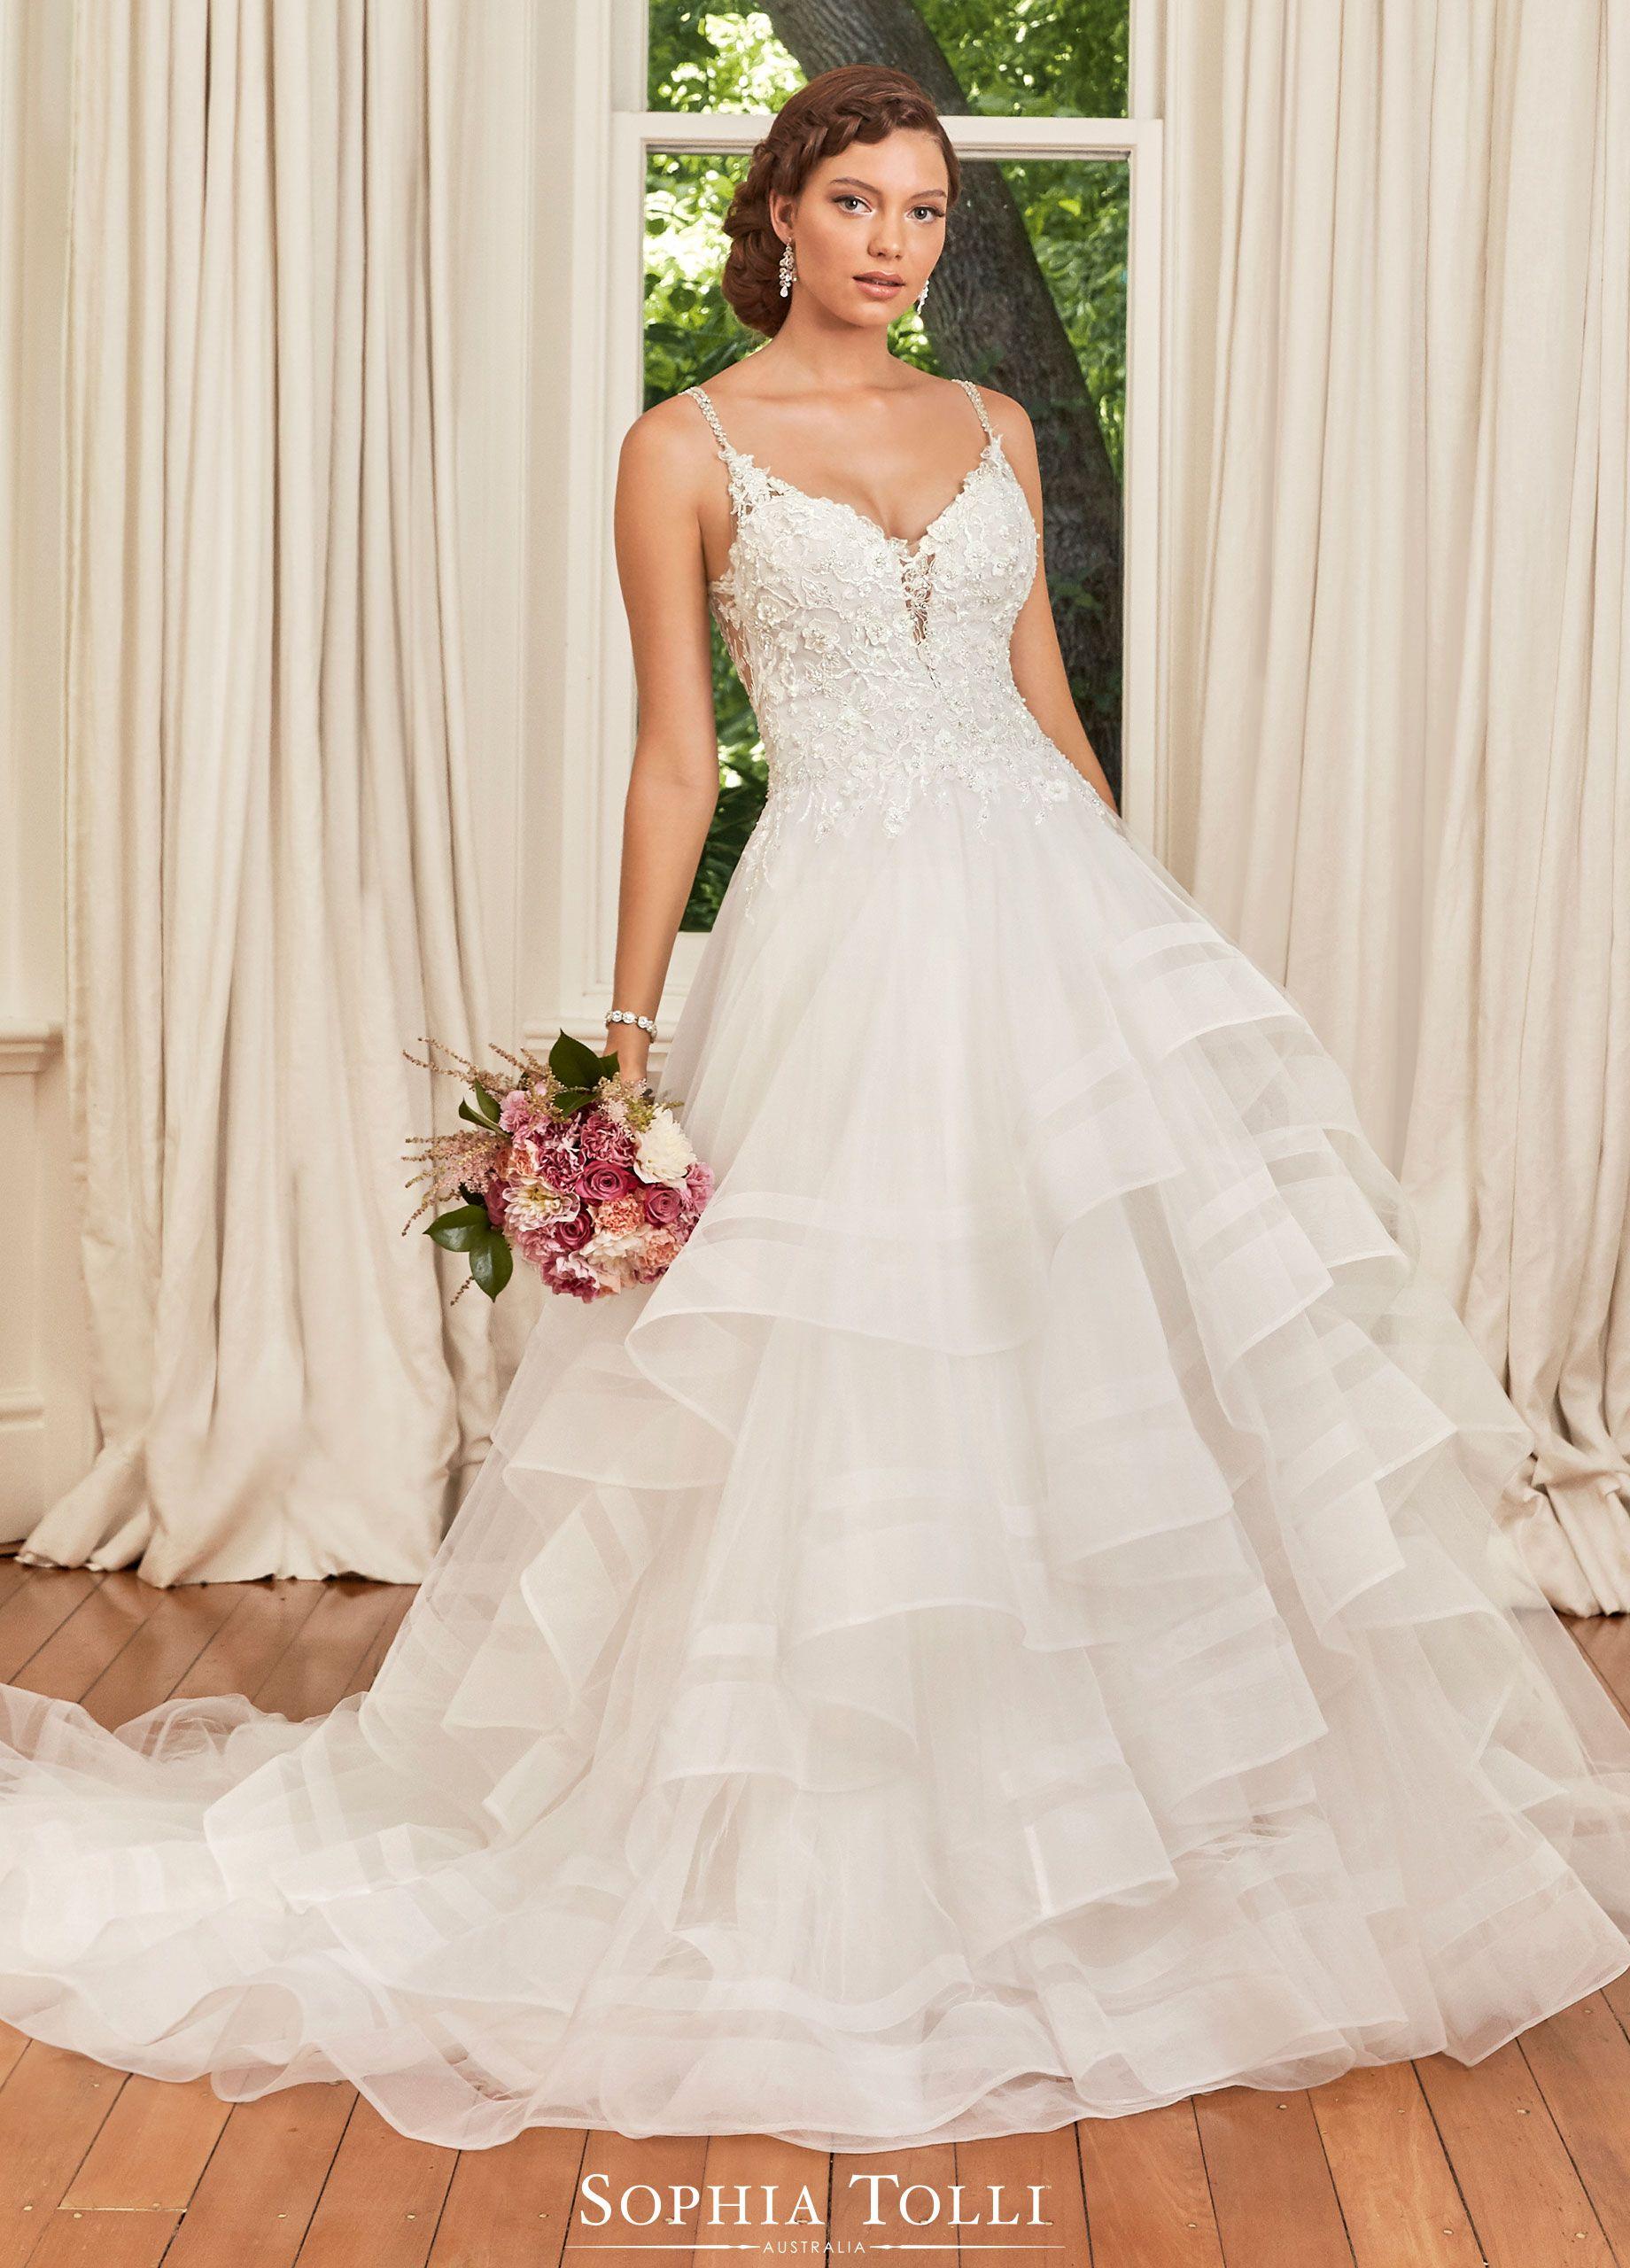 Sophia Tolli Wedding Gowns Y21989 Alesha In 2020 Wedding